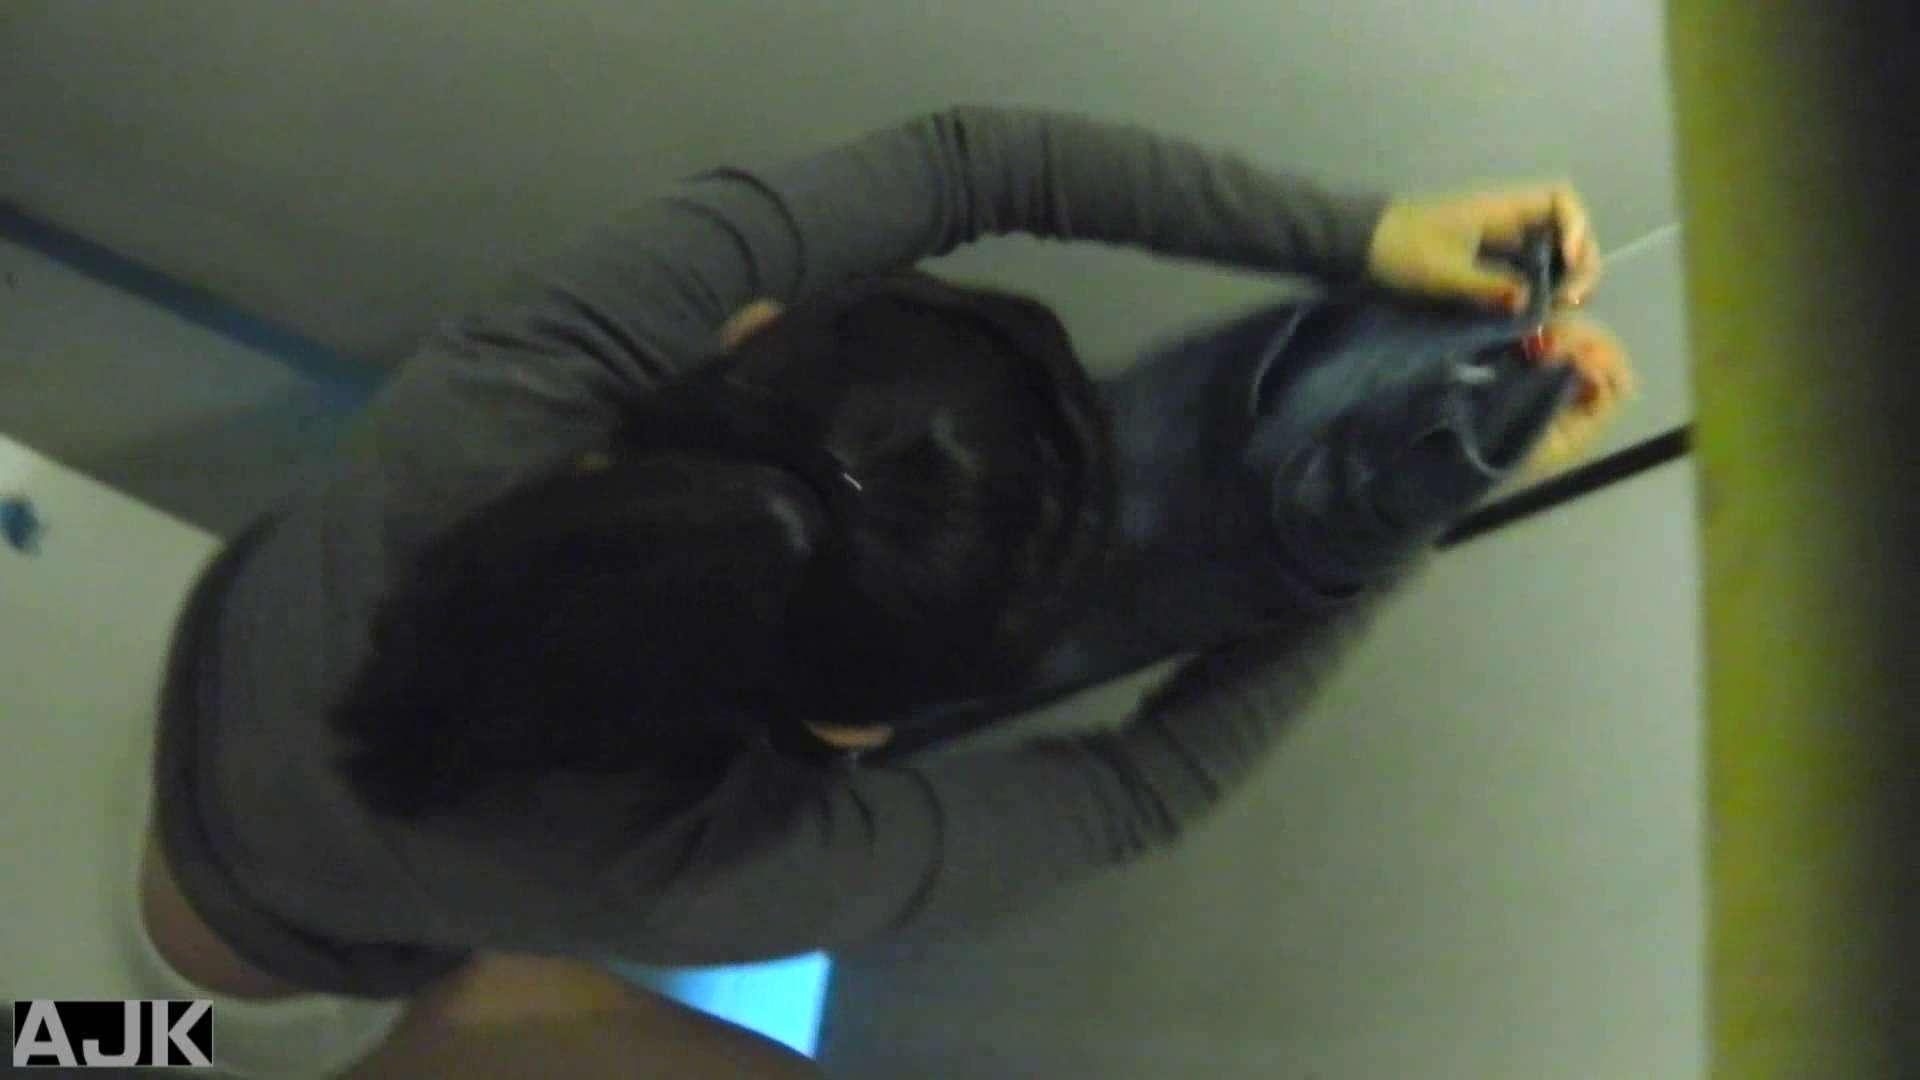 隣国上階級エリアの令嬢たちが集うデパートお手洗い Vol.21 盗撮編 ぱこり動画紹介 110枚 3